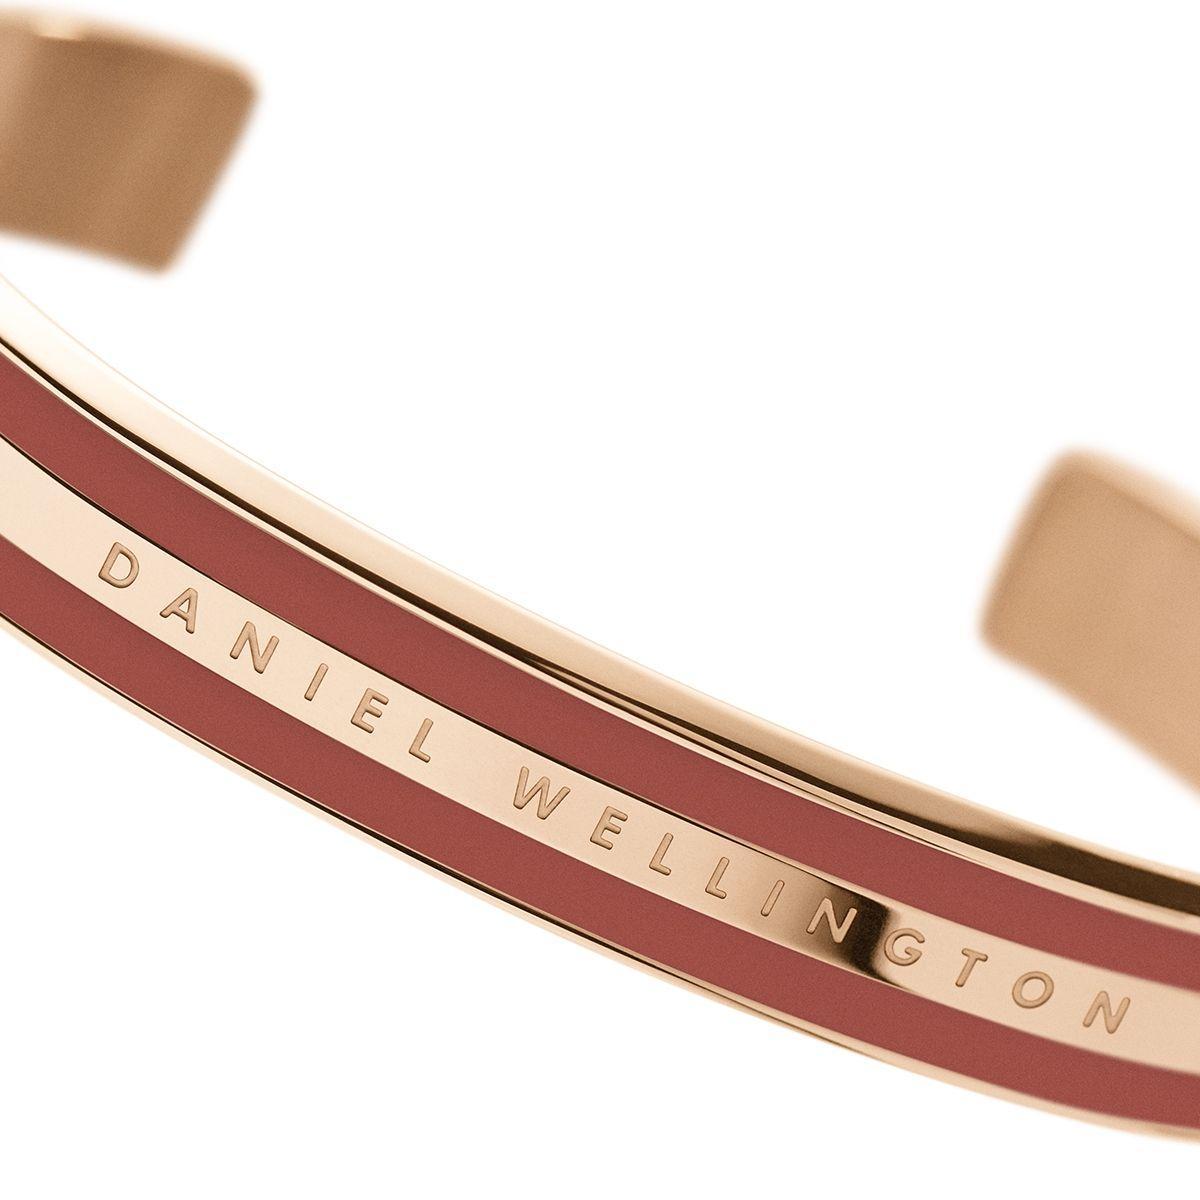 dw官网 dw手表官网 dw中国官网 dw官方旗舰店 DW DW官网  Classic Bracelet Cherry Blush RG S